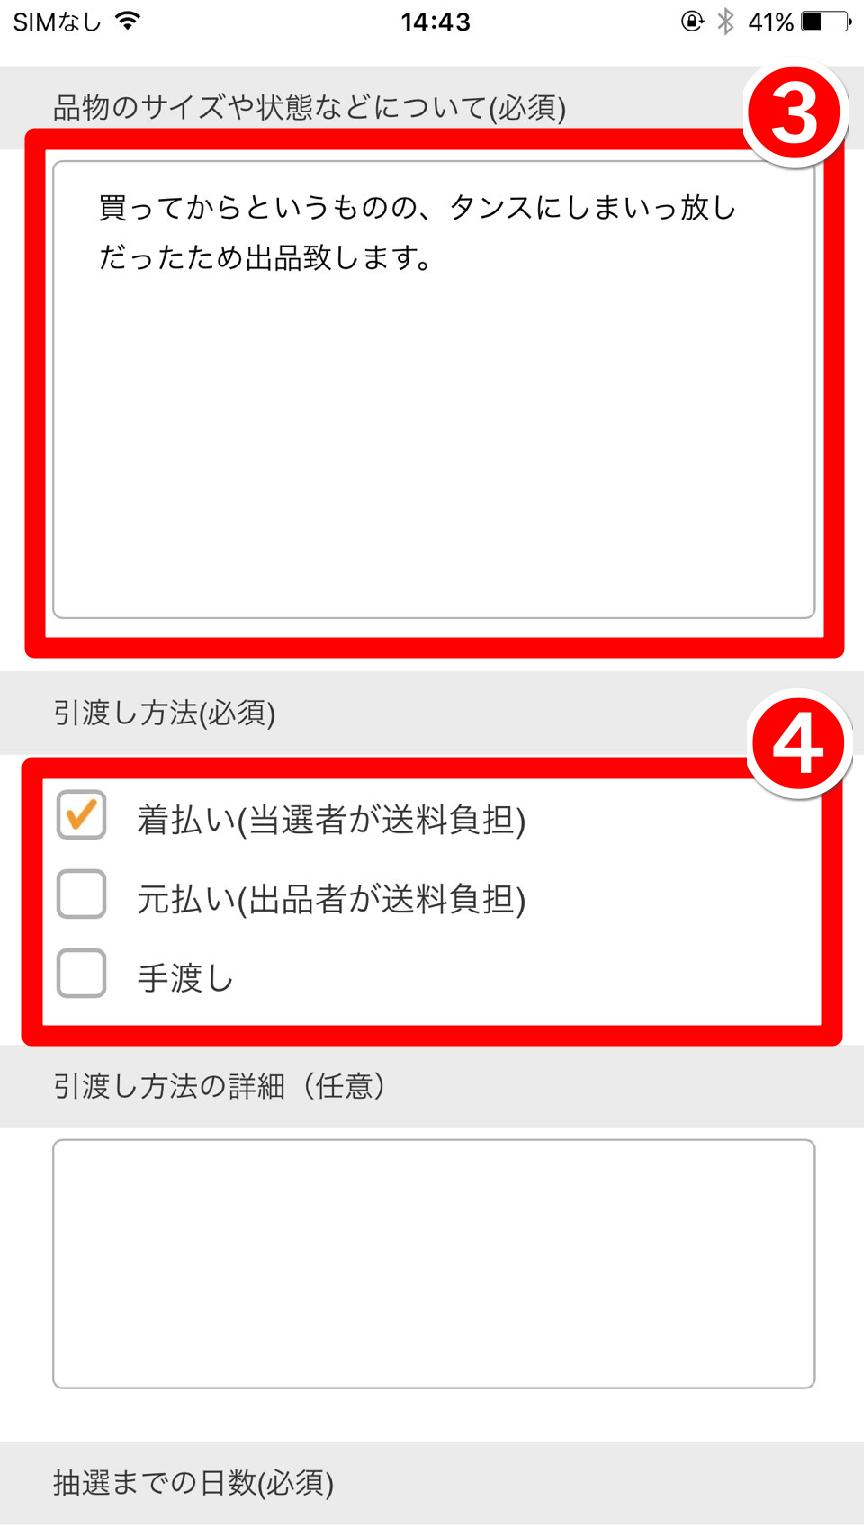 [お譲り頂くものの情報をご登録ください]画面(その2)